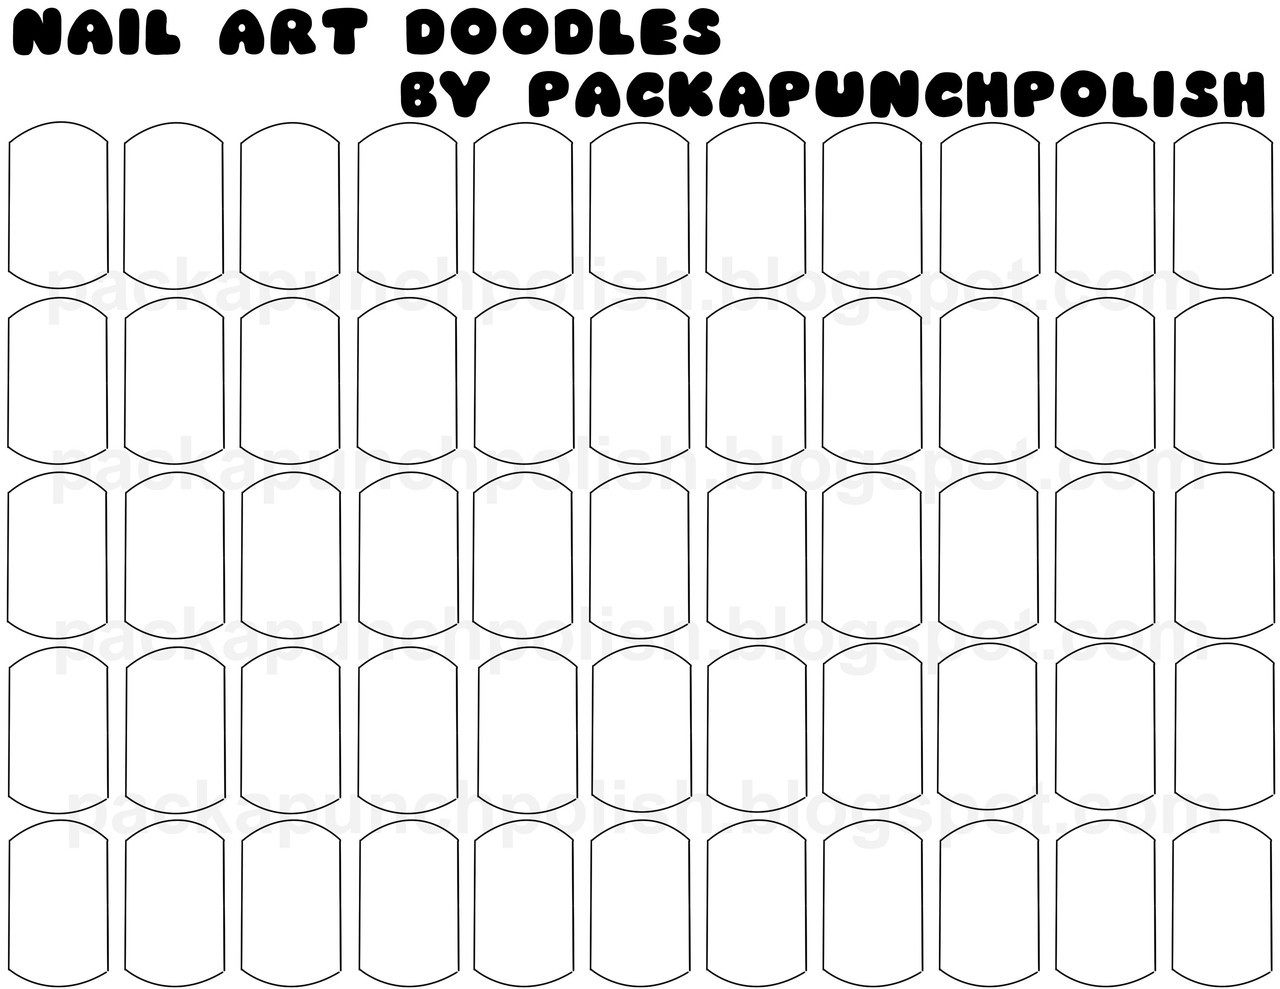 Pack A Punch Polish • I made nail art doodle sheets! I